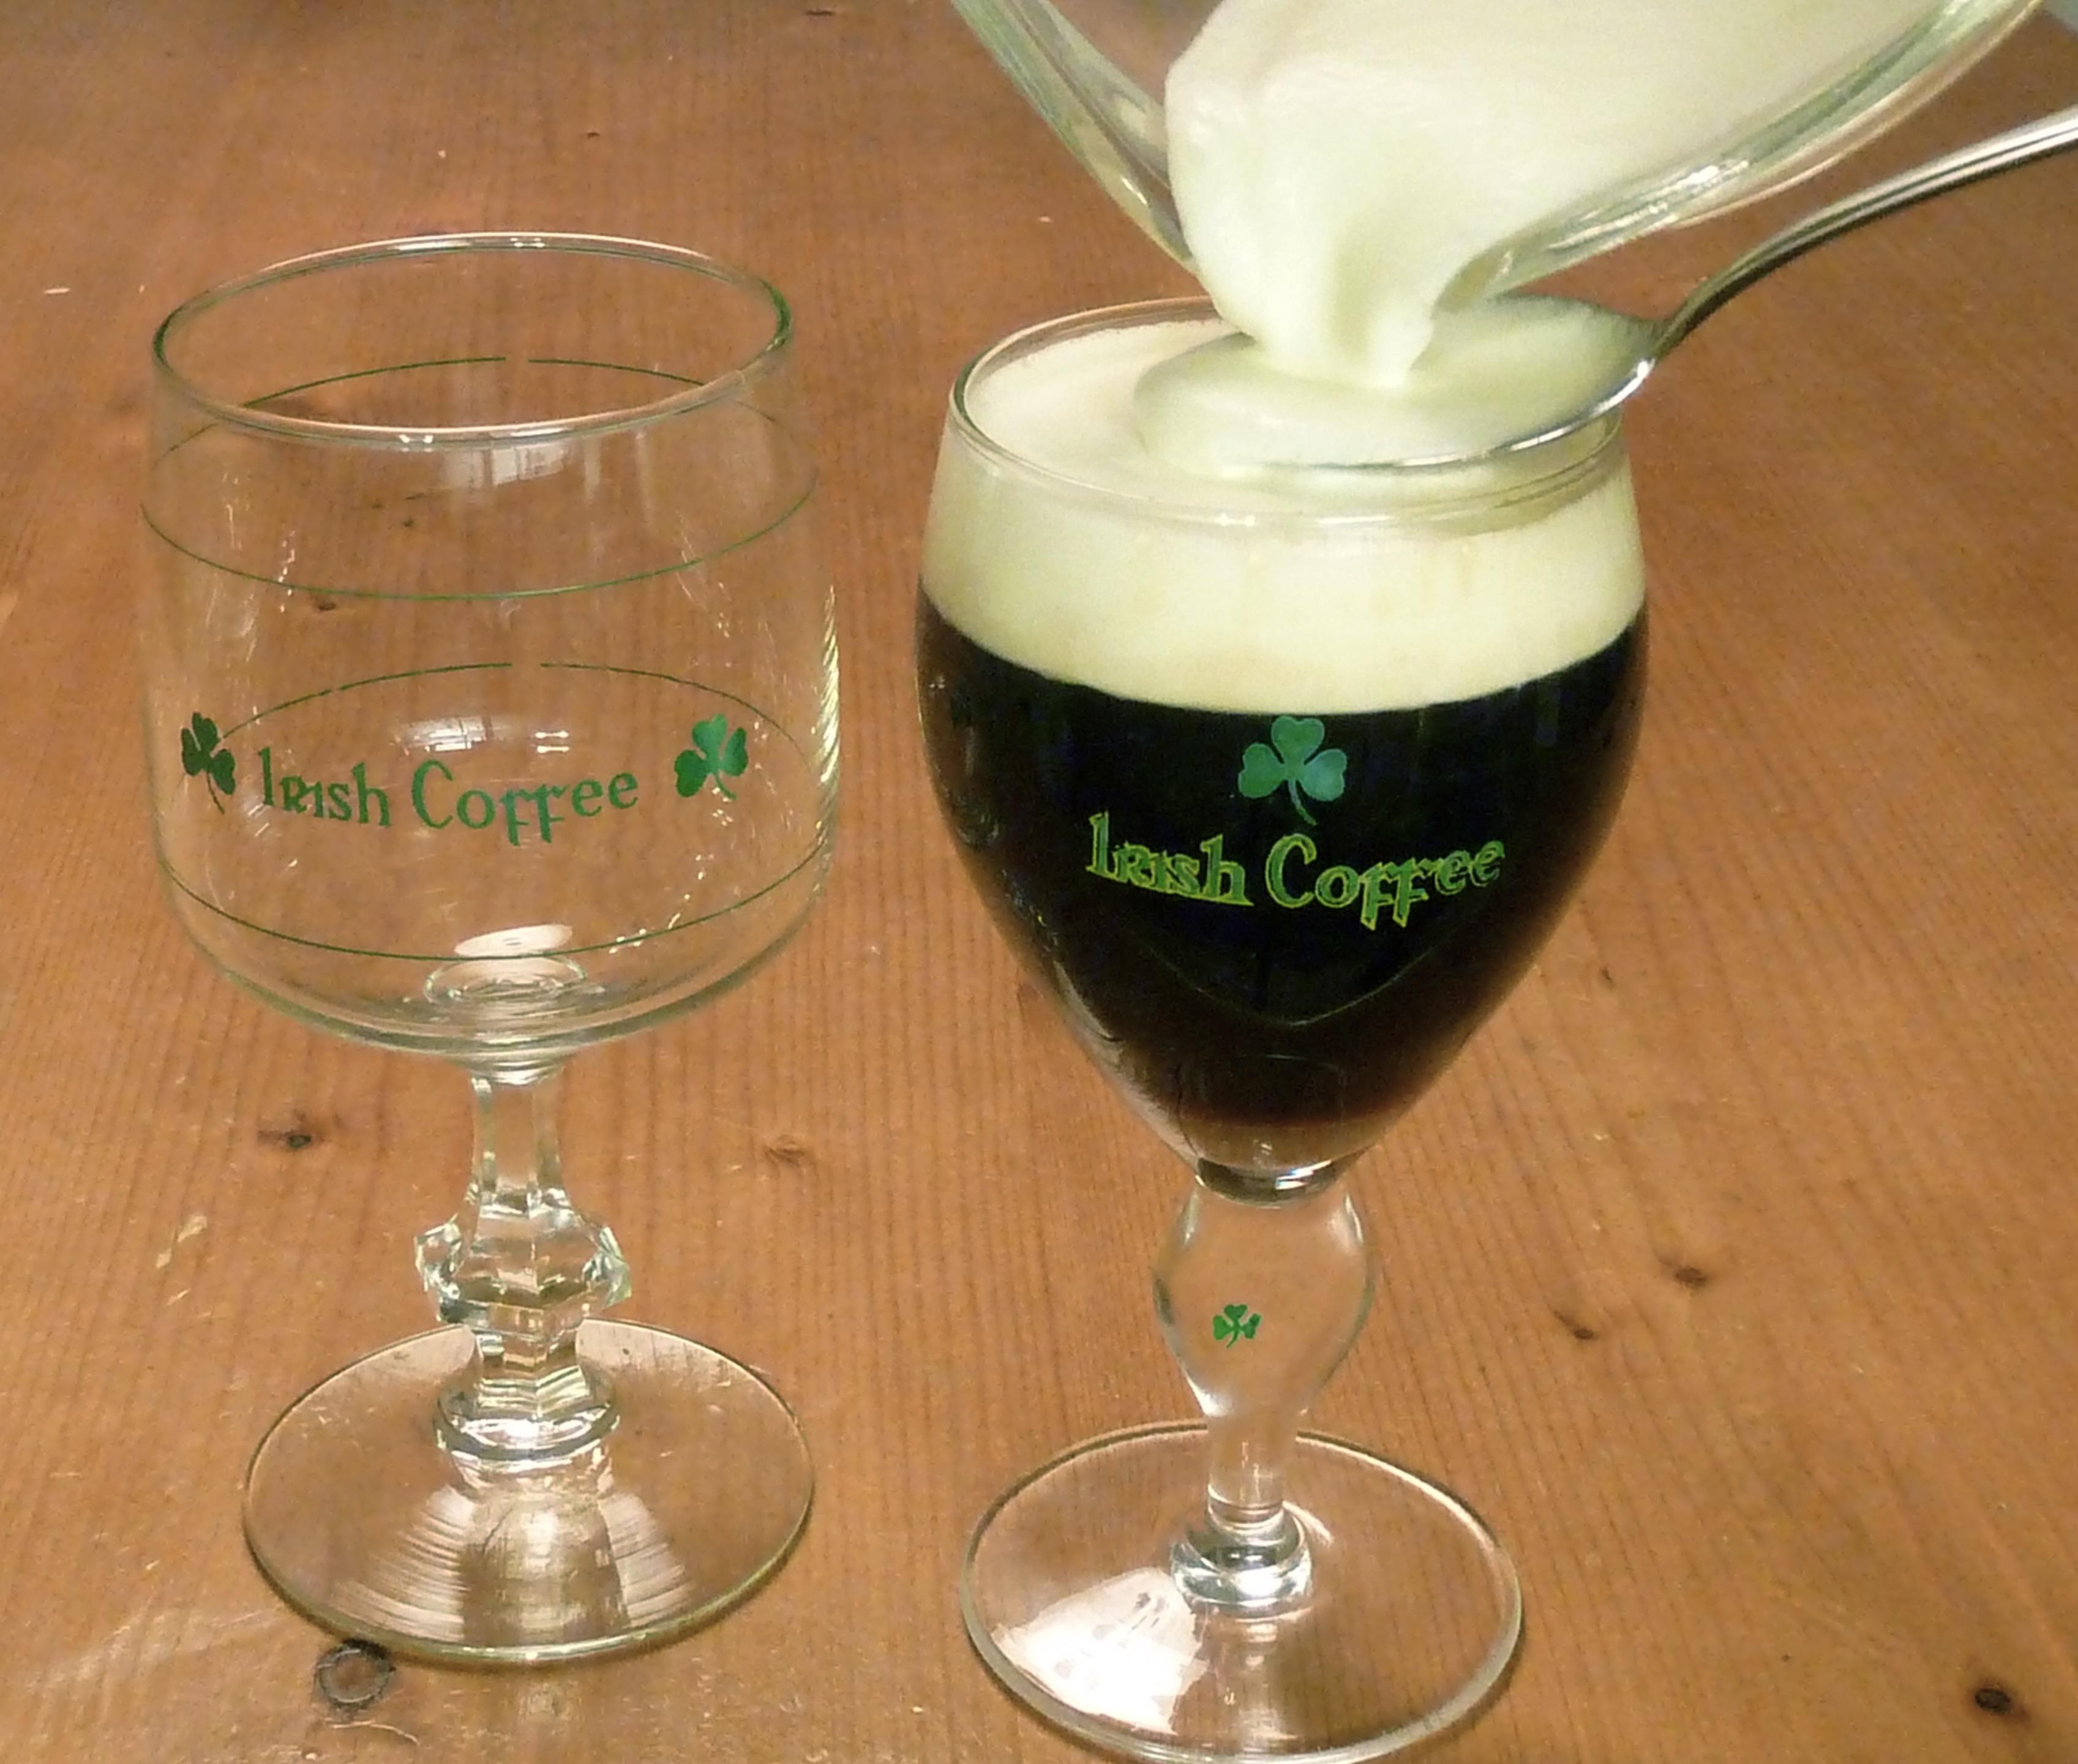 Fileirish Coffee Glassjpg Wikimedia Commons